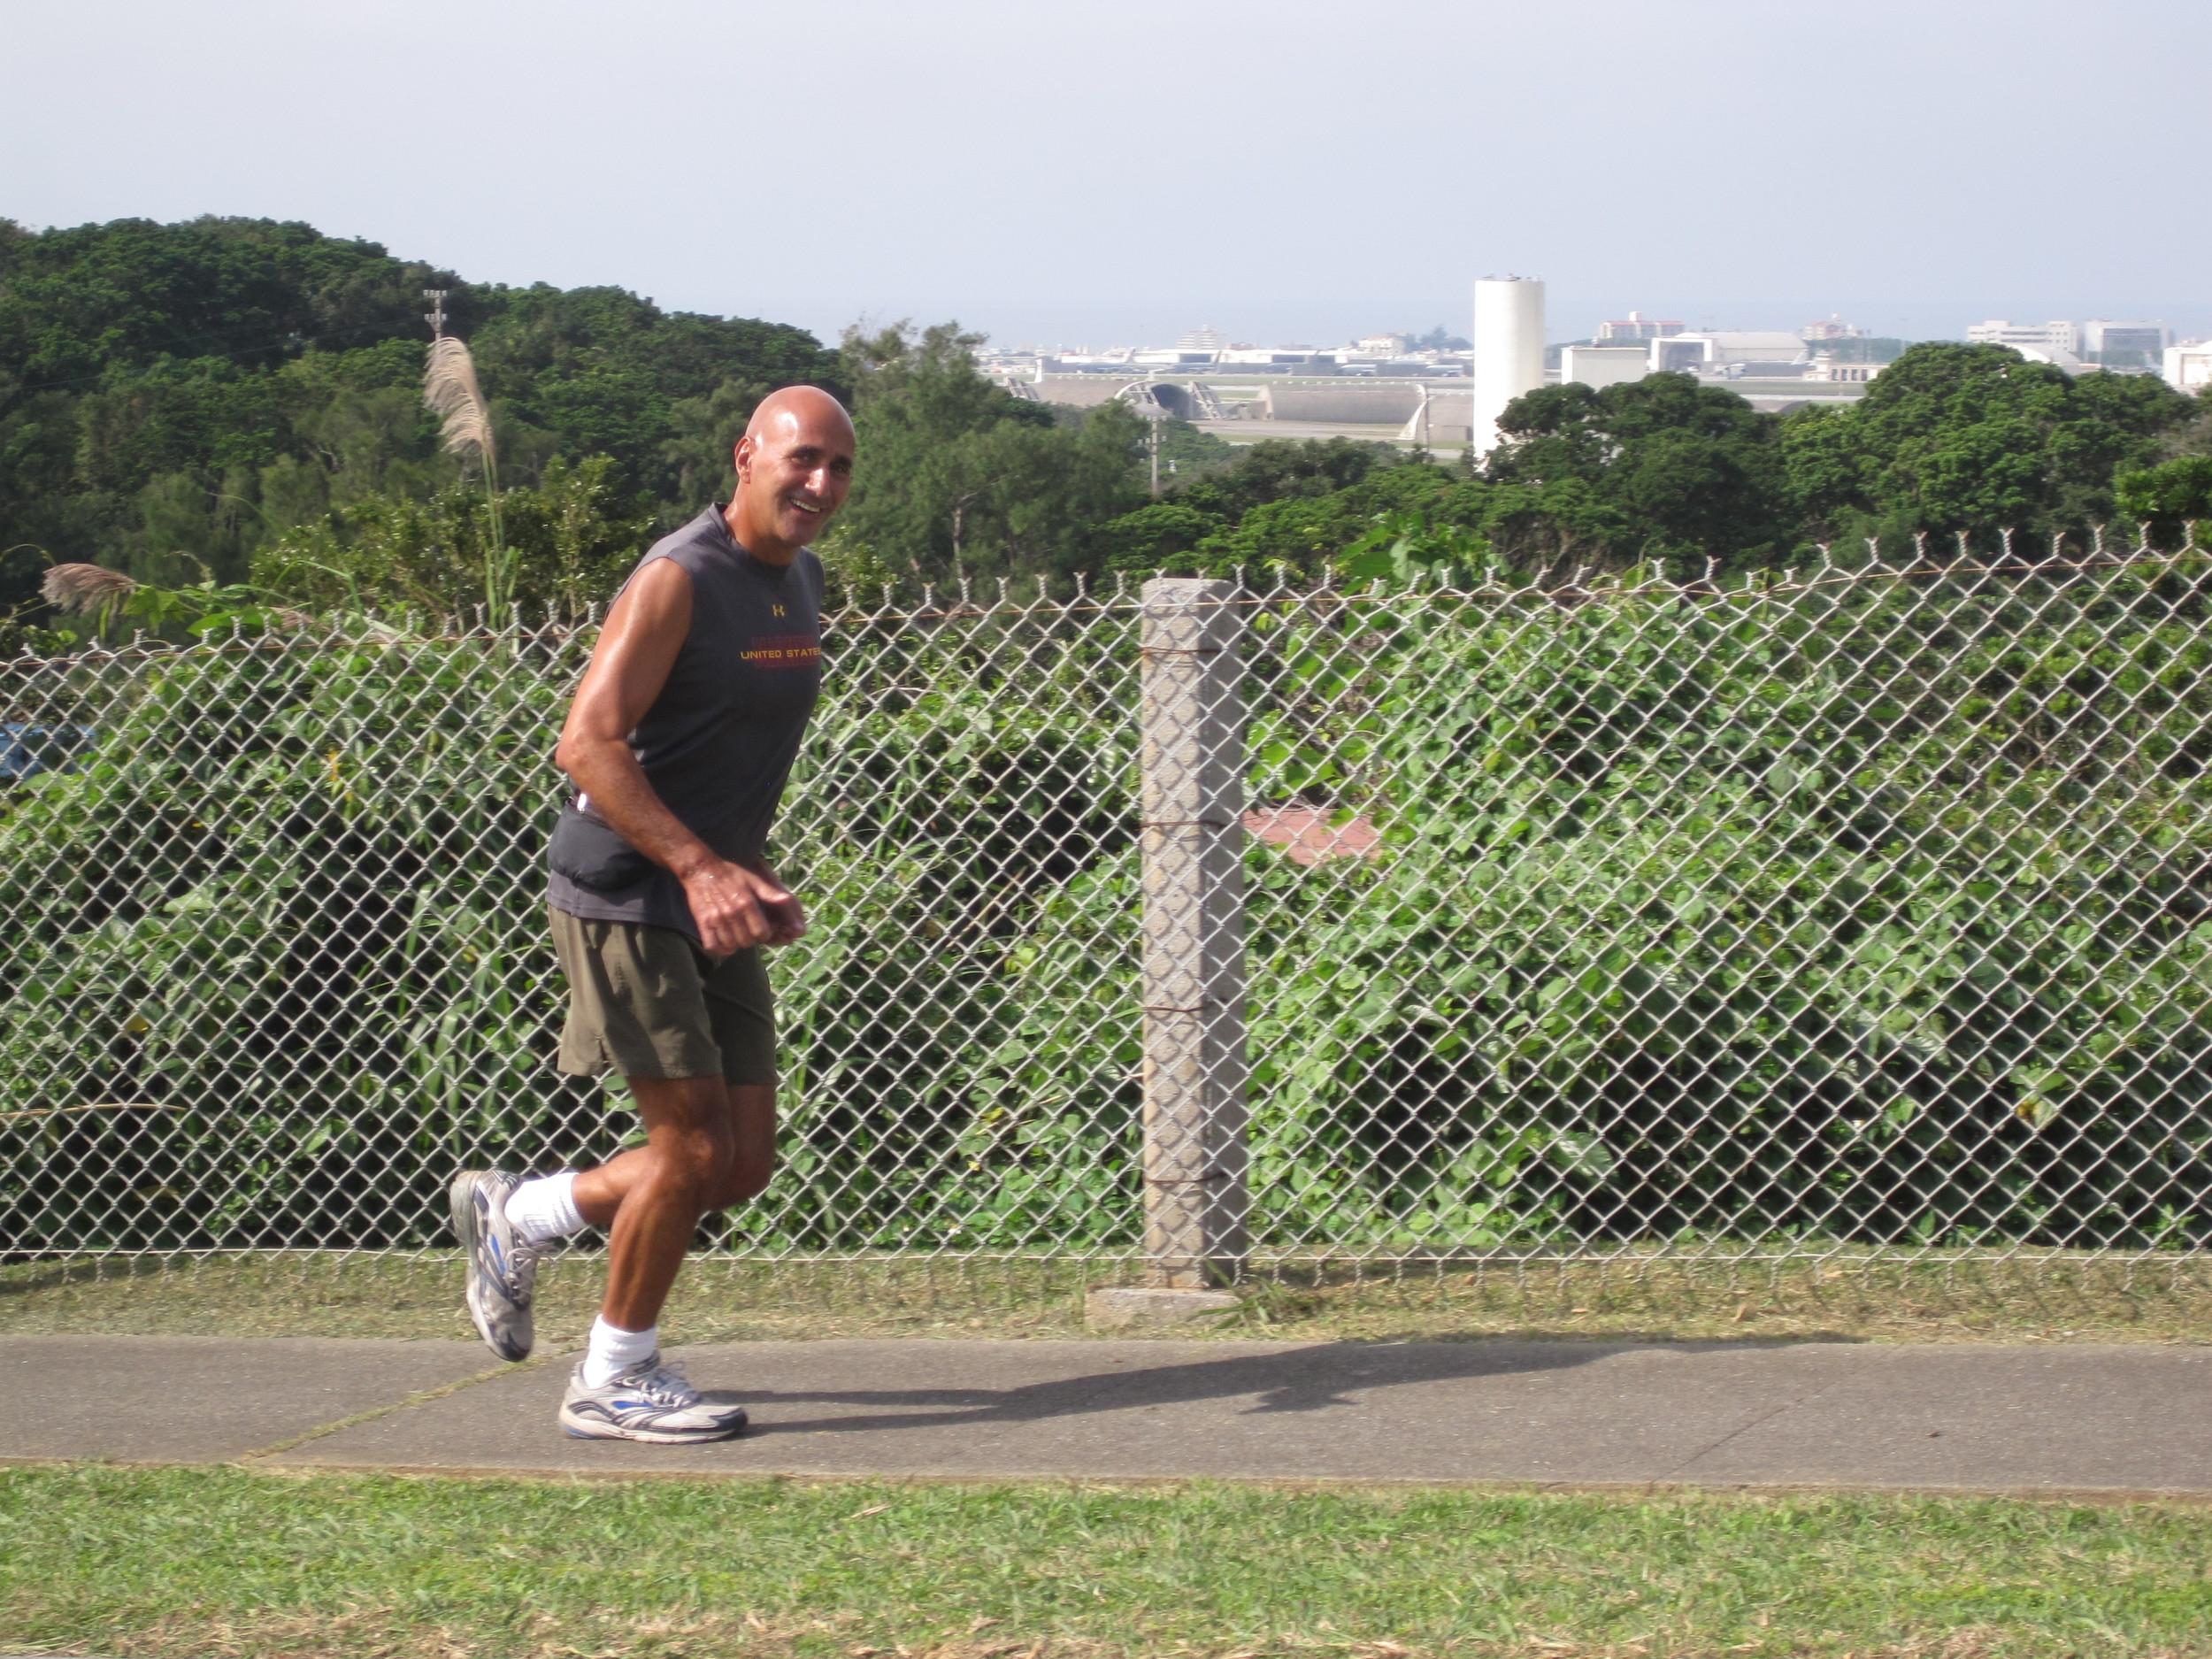 Kadena Air Base, Okinawa, Japan, 2010